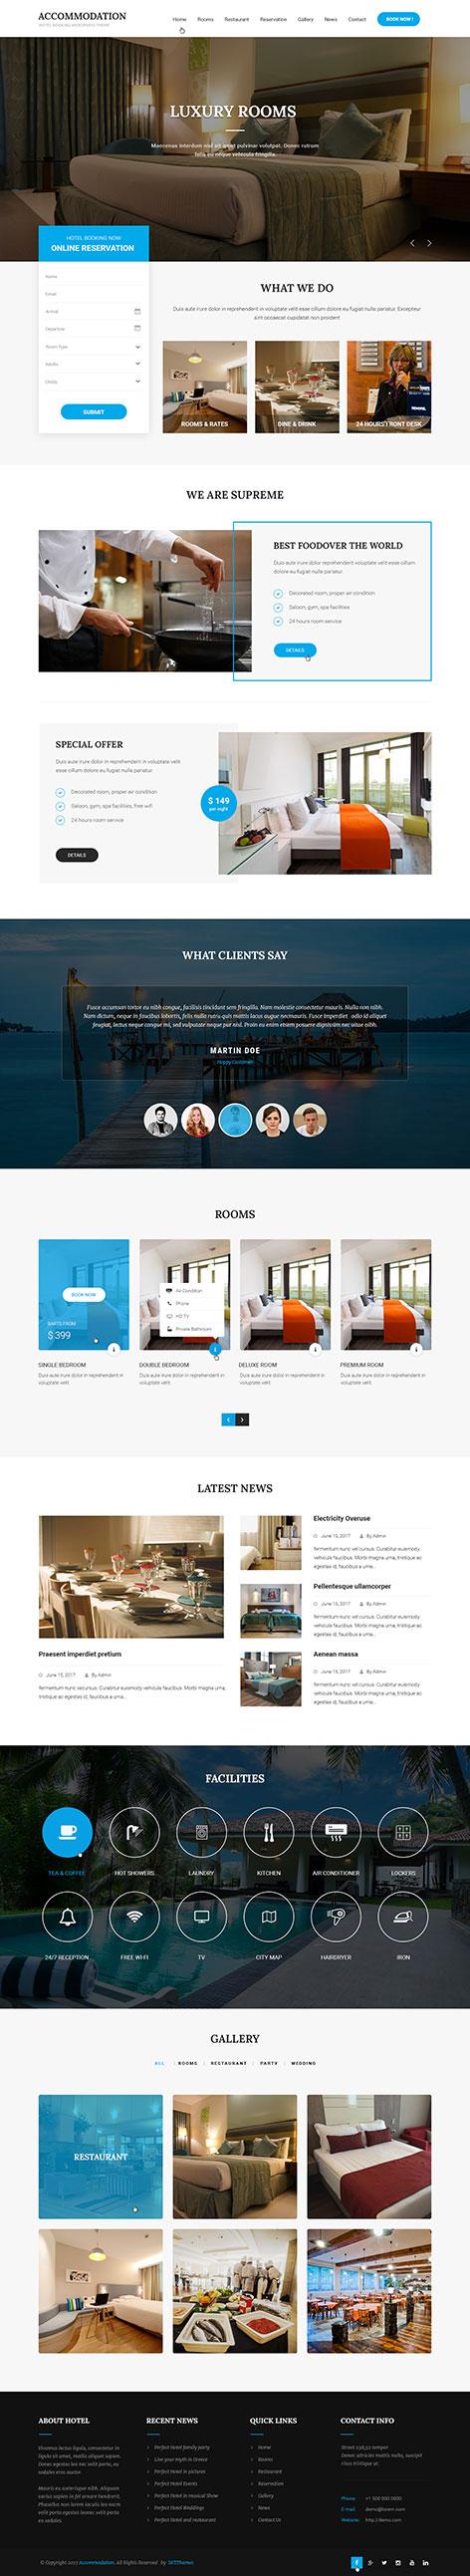 accommodation WordPress theme